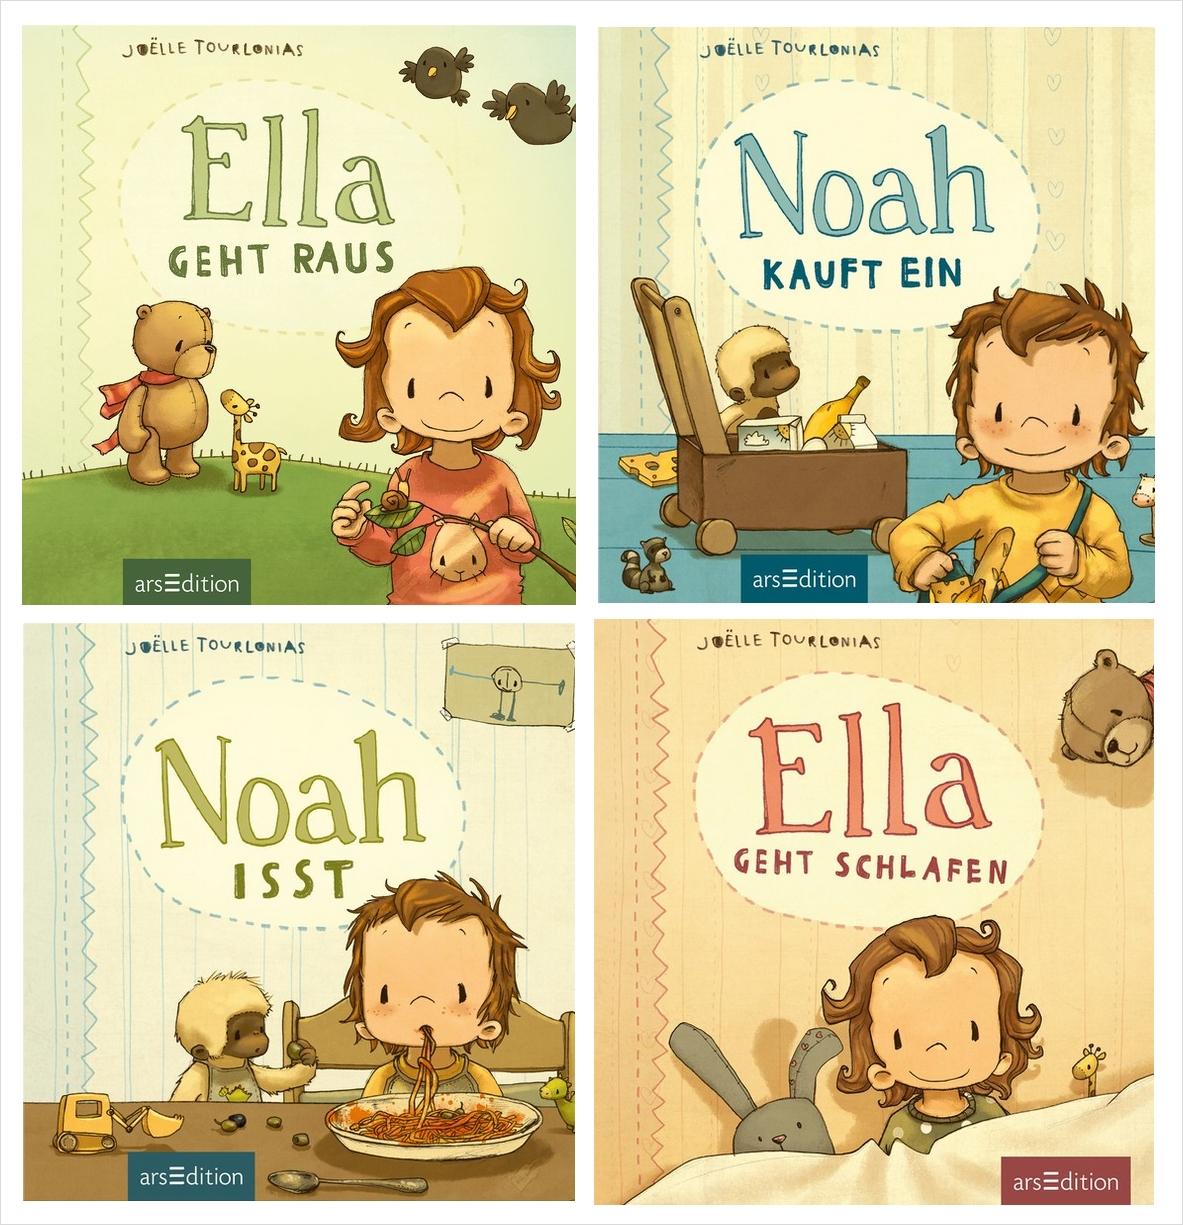 Alltagsbüchlein: Ella und Noah